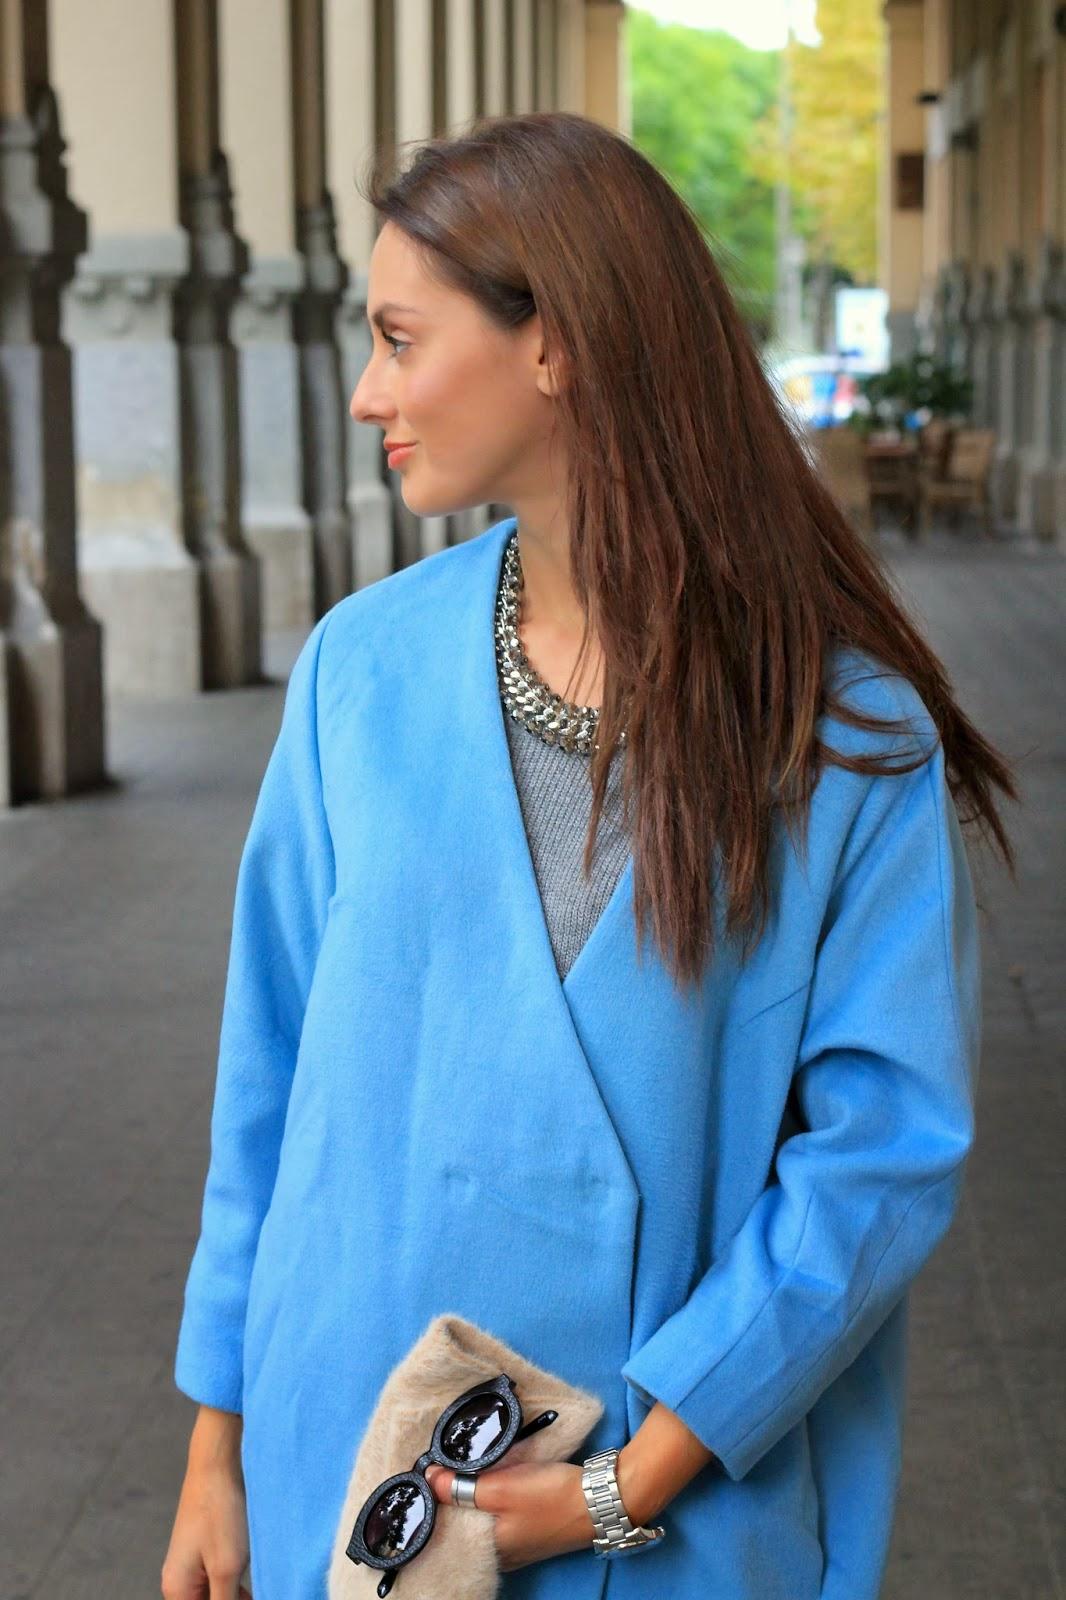 Trend focus : Un cappottino Oversize celeste pastello per l'anteprima del King's Cross Irish Pub, Salerno